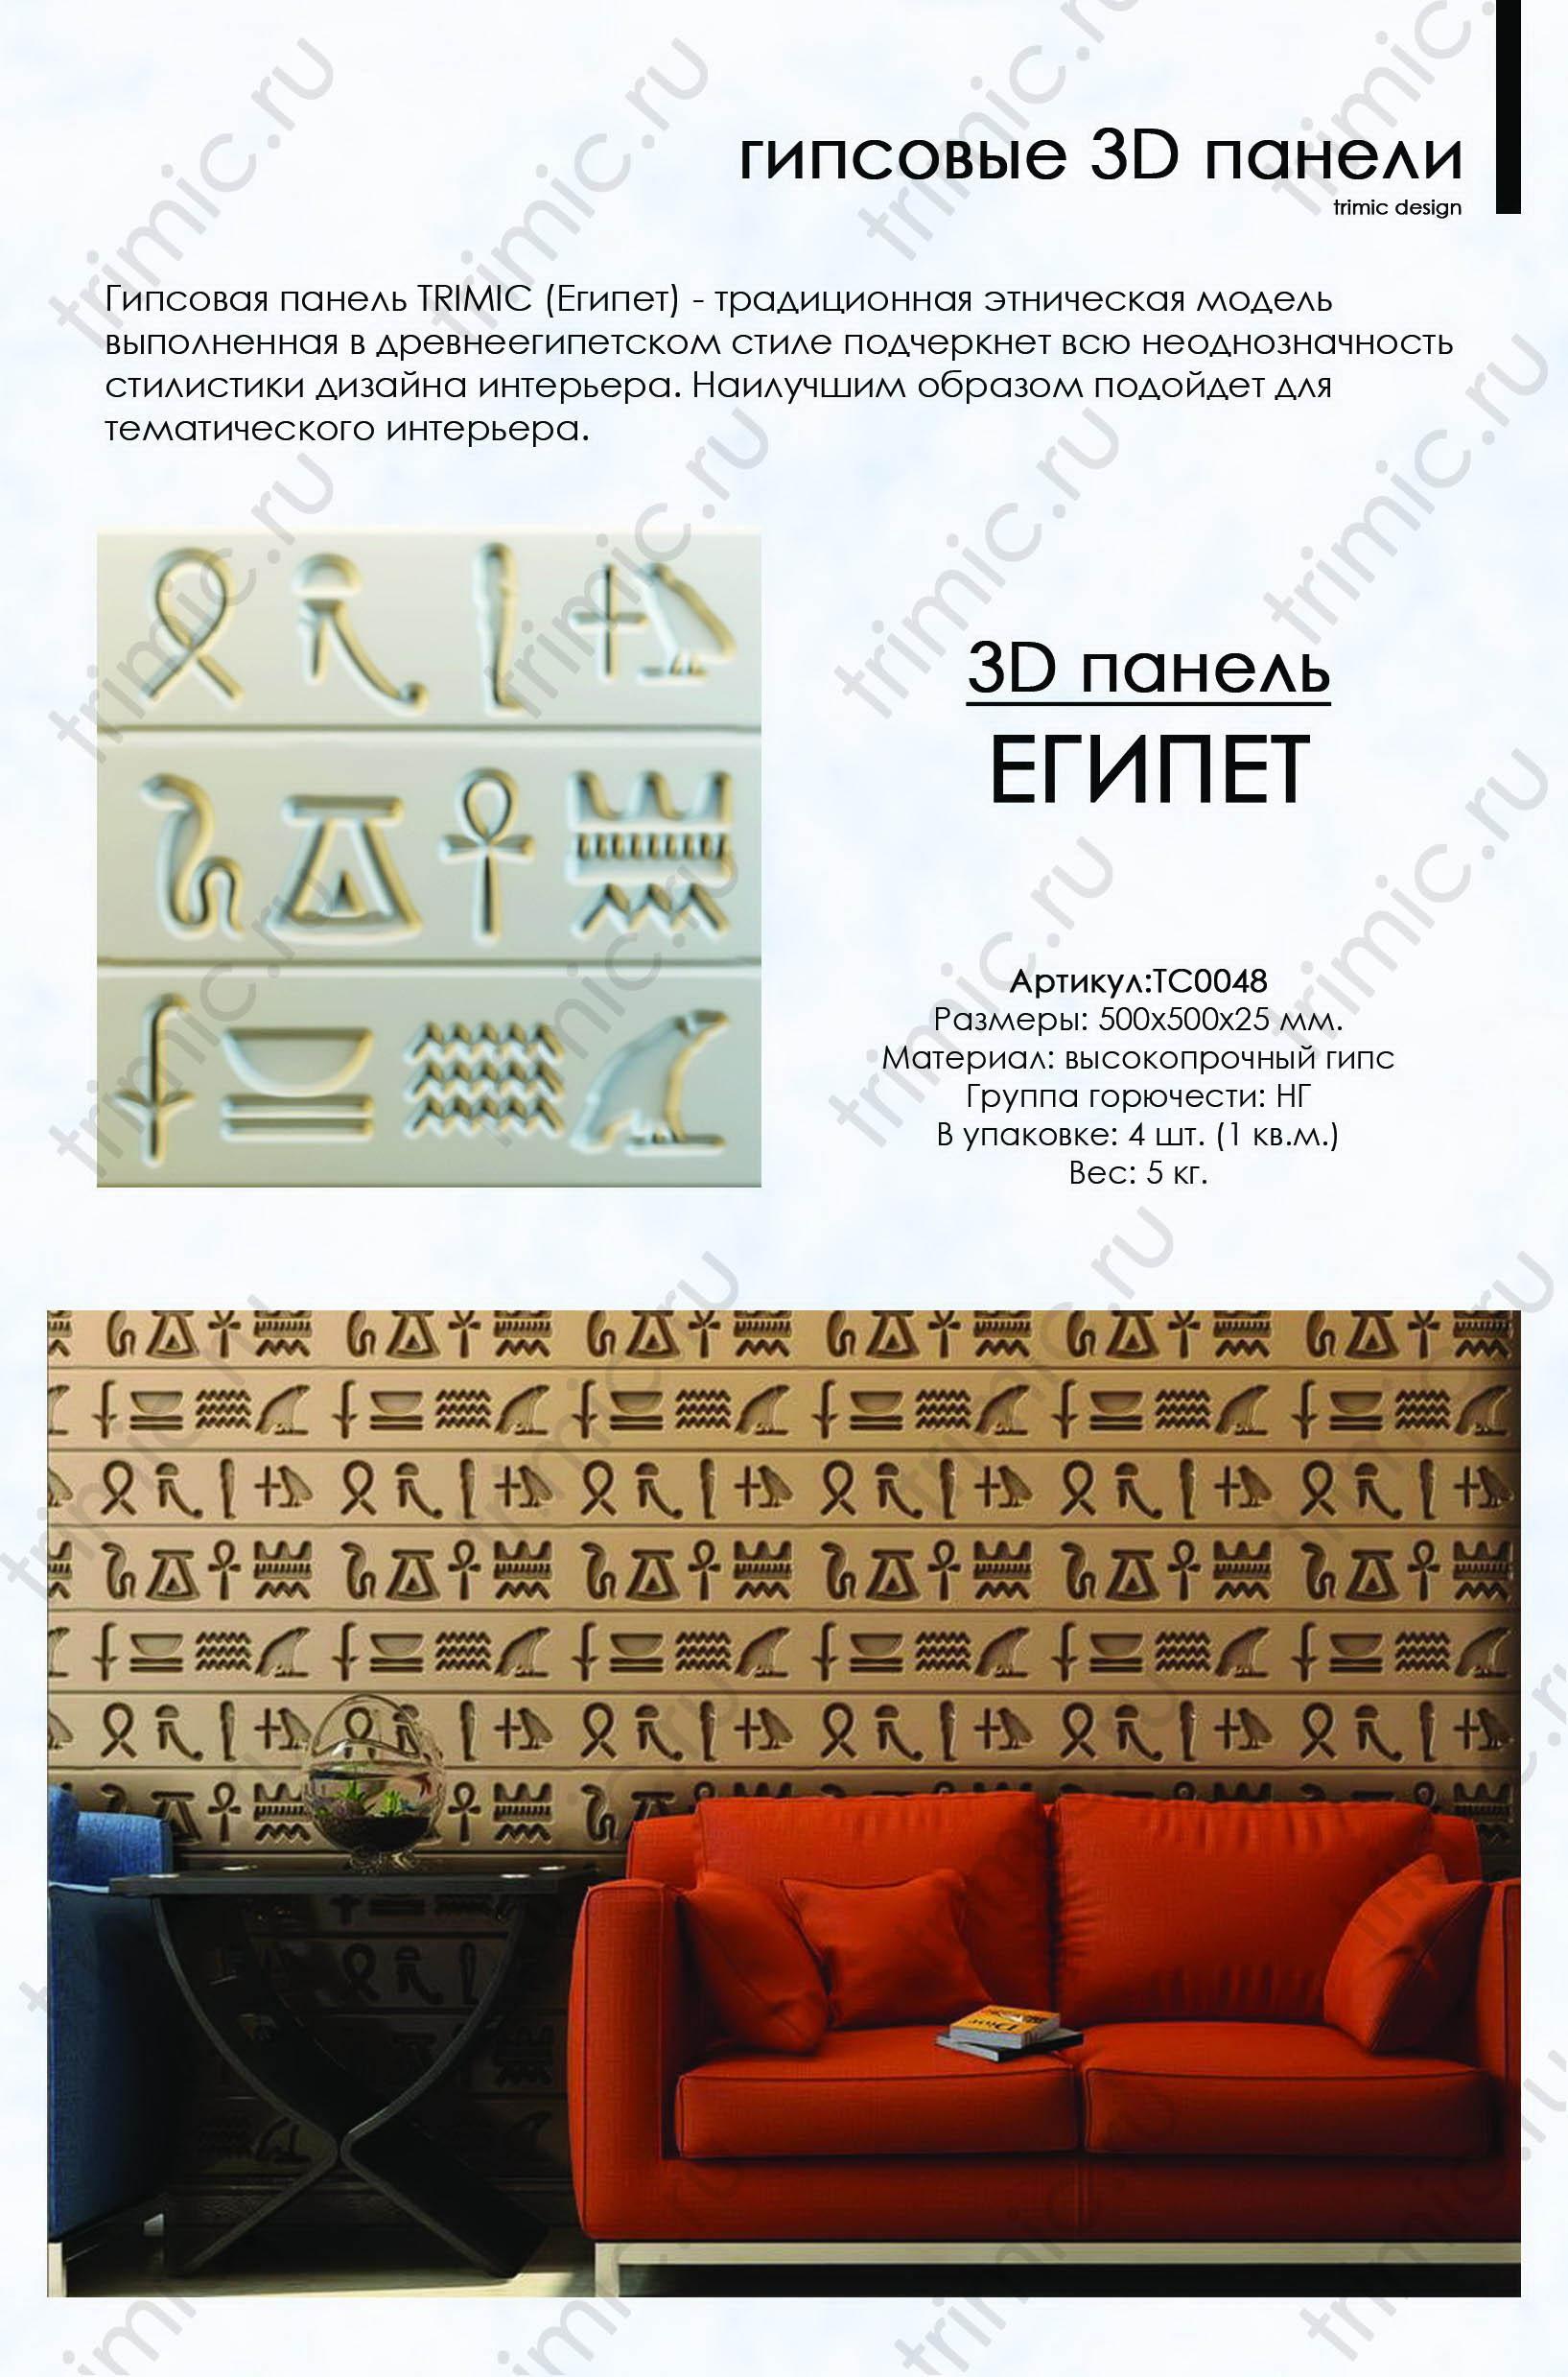 """Фотографии 3D панелей """"Египет в интерьере"""